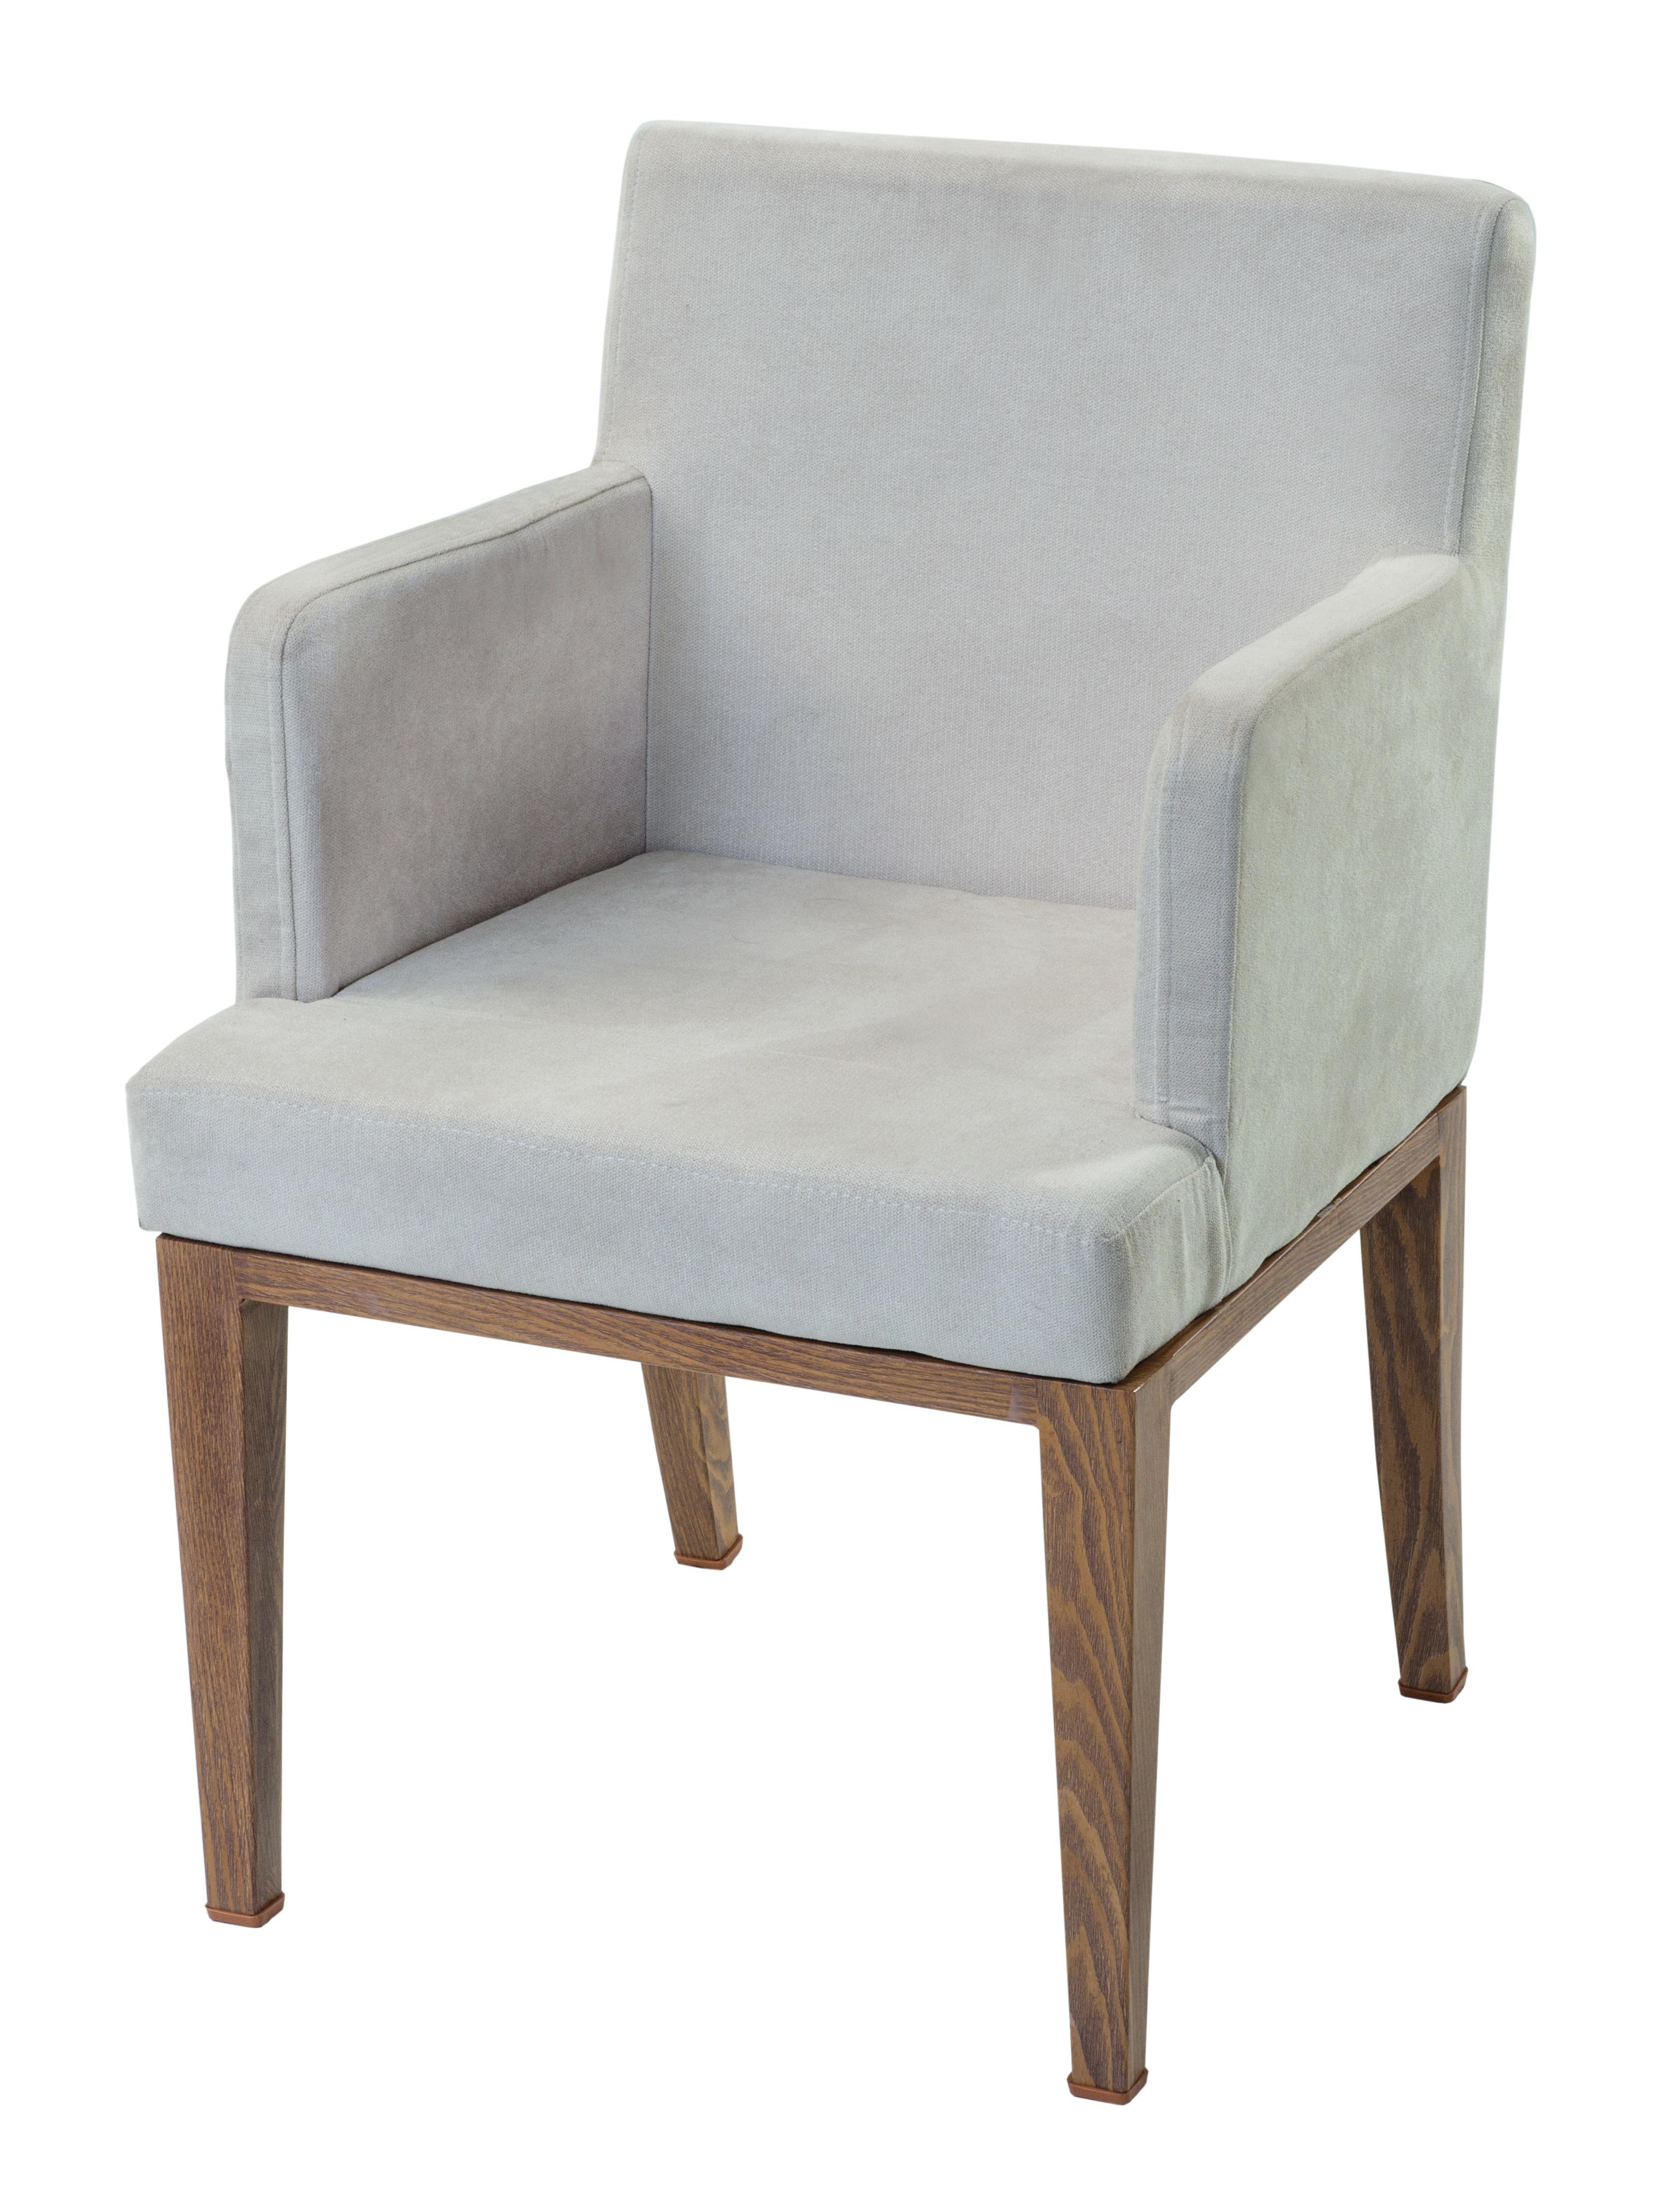 Sessel Helena (bekannt aus der Fußball-WM in Russland - Polster-Sessel, super-bequem, beige, Metall-Gestell in Holz-Optik, perfekt für Esstisch & Sitzgruppe)